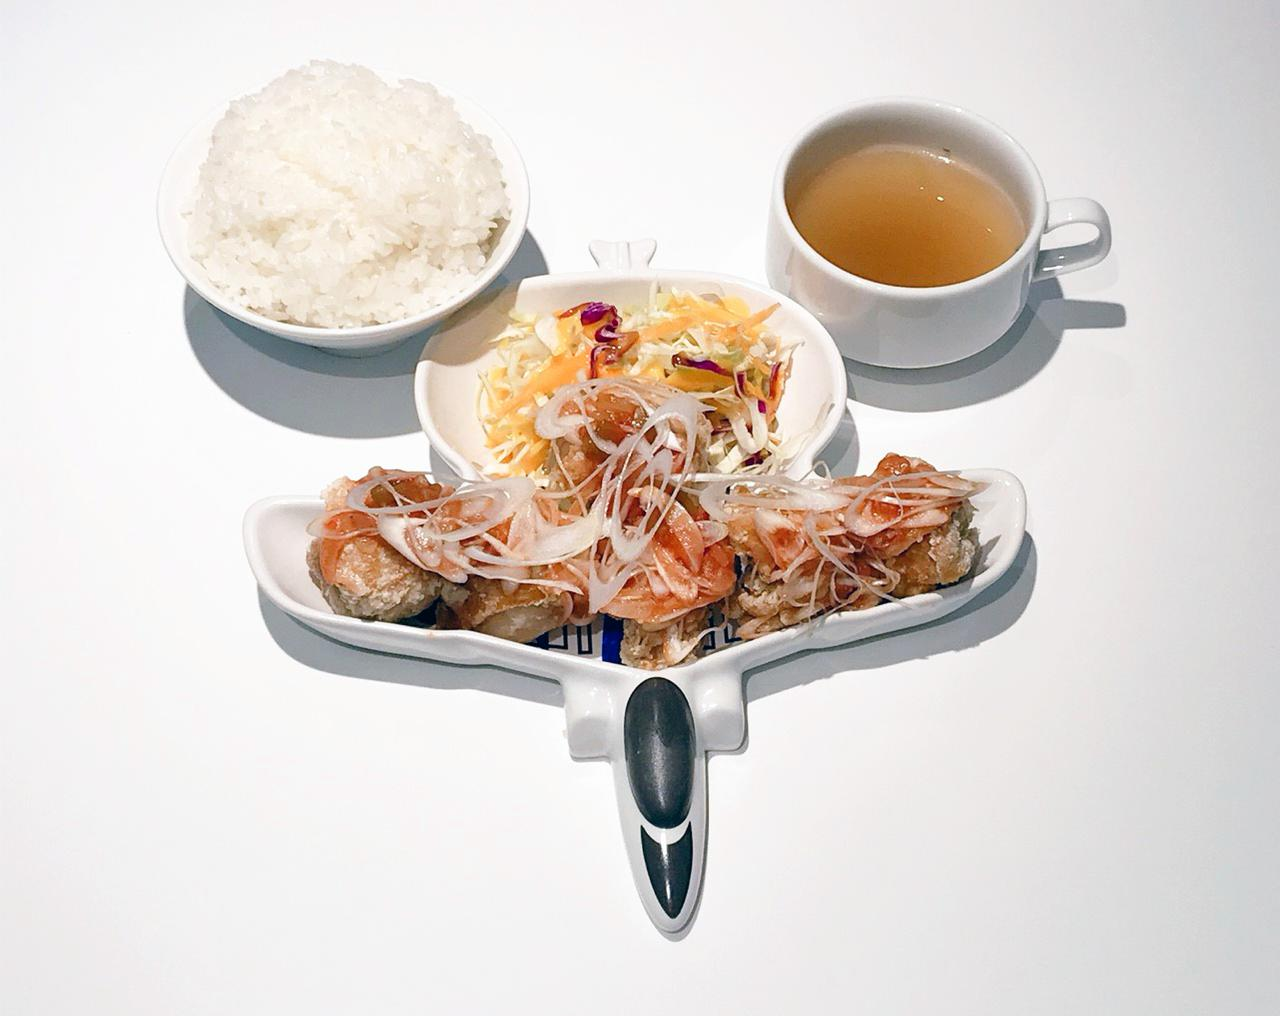 画像2: 各艦艇のレシピを参考にした本格的な海自カレー